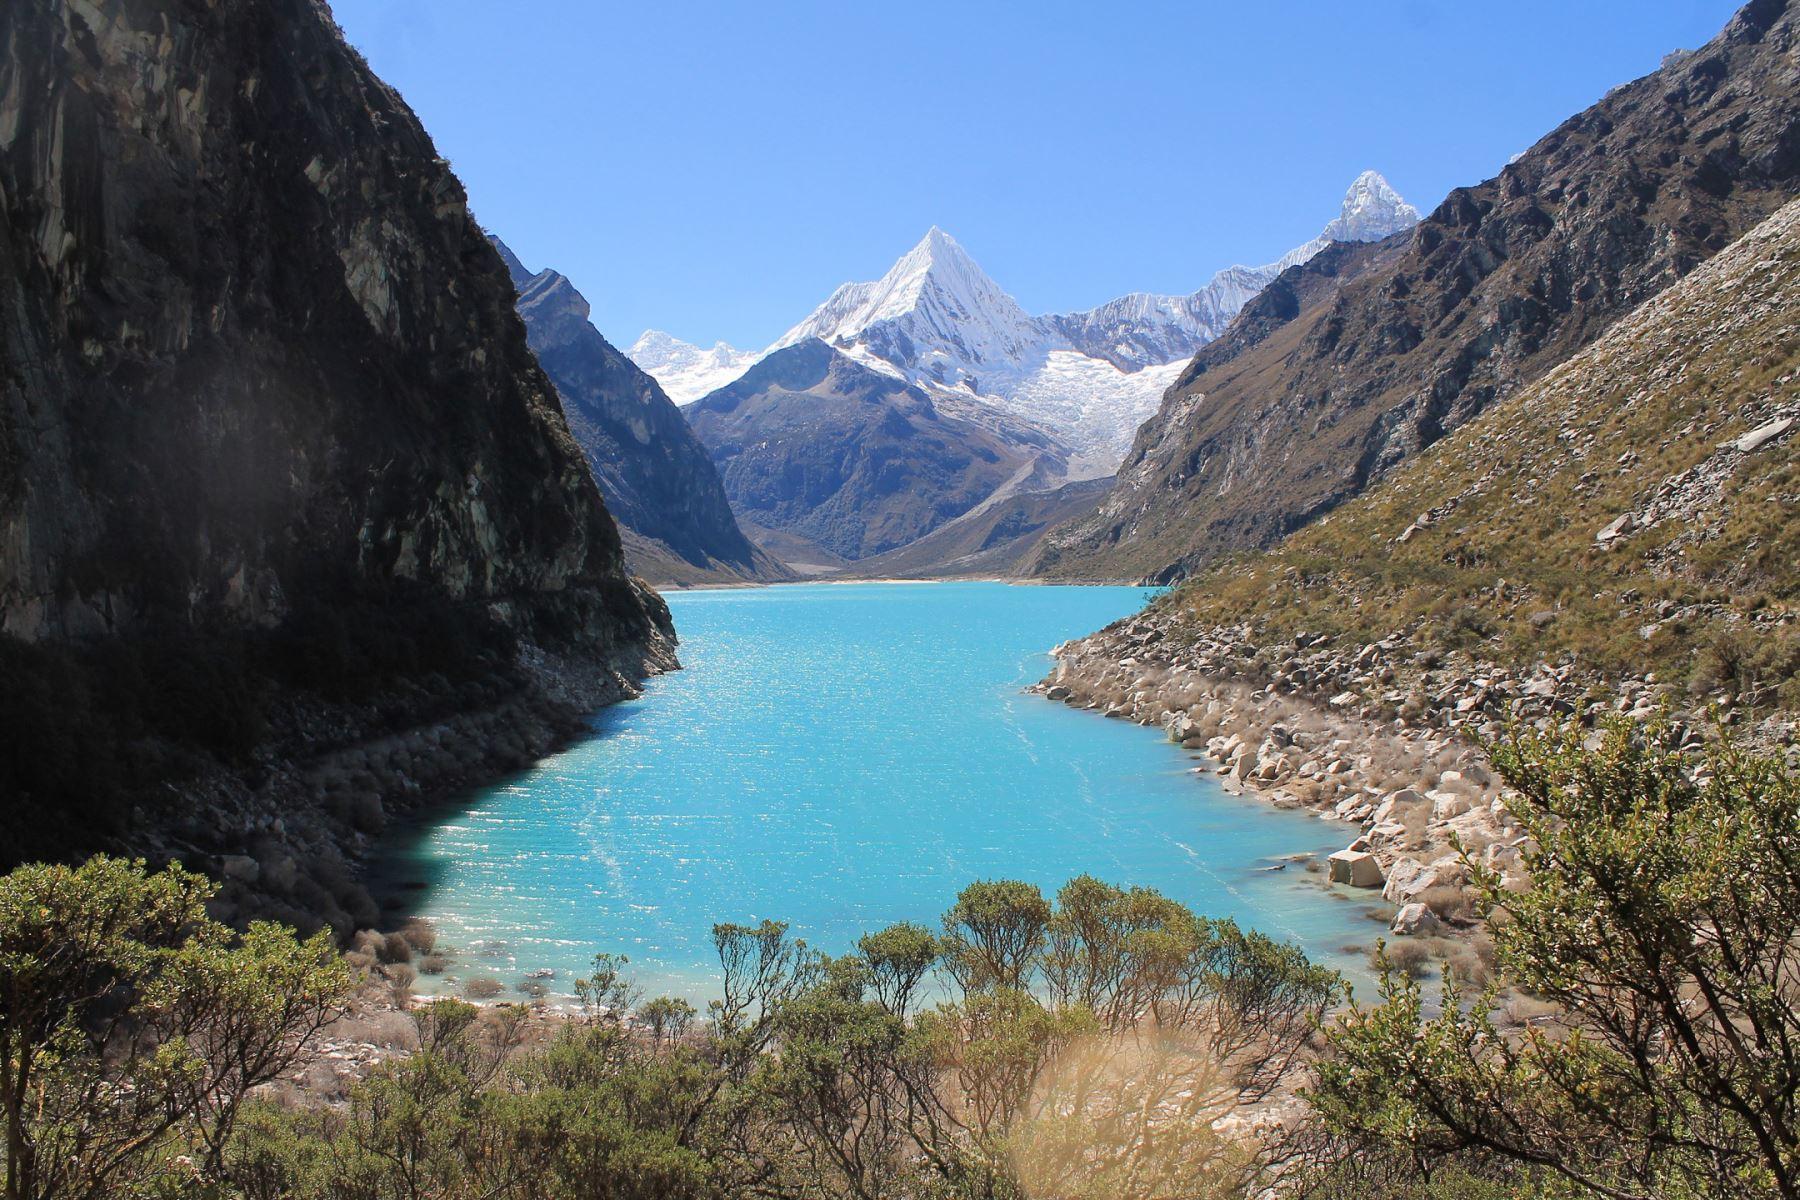 El Parque Nacional Huascarán suspendió las visitas a la laguna Parón tras ser declarada en emergencia.